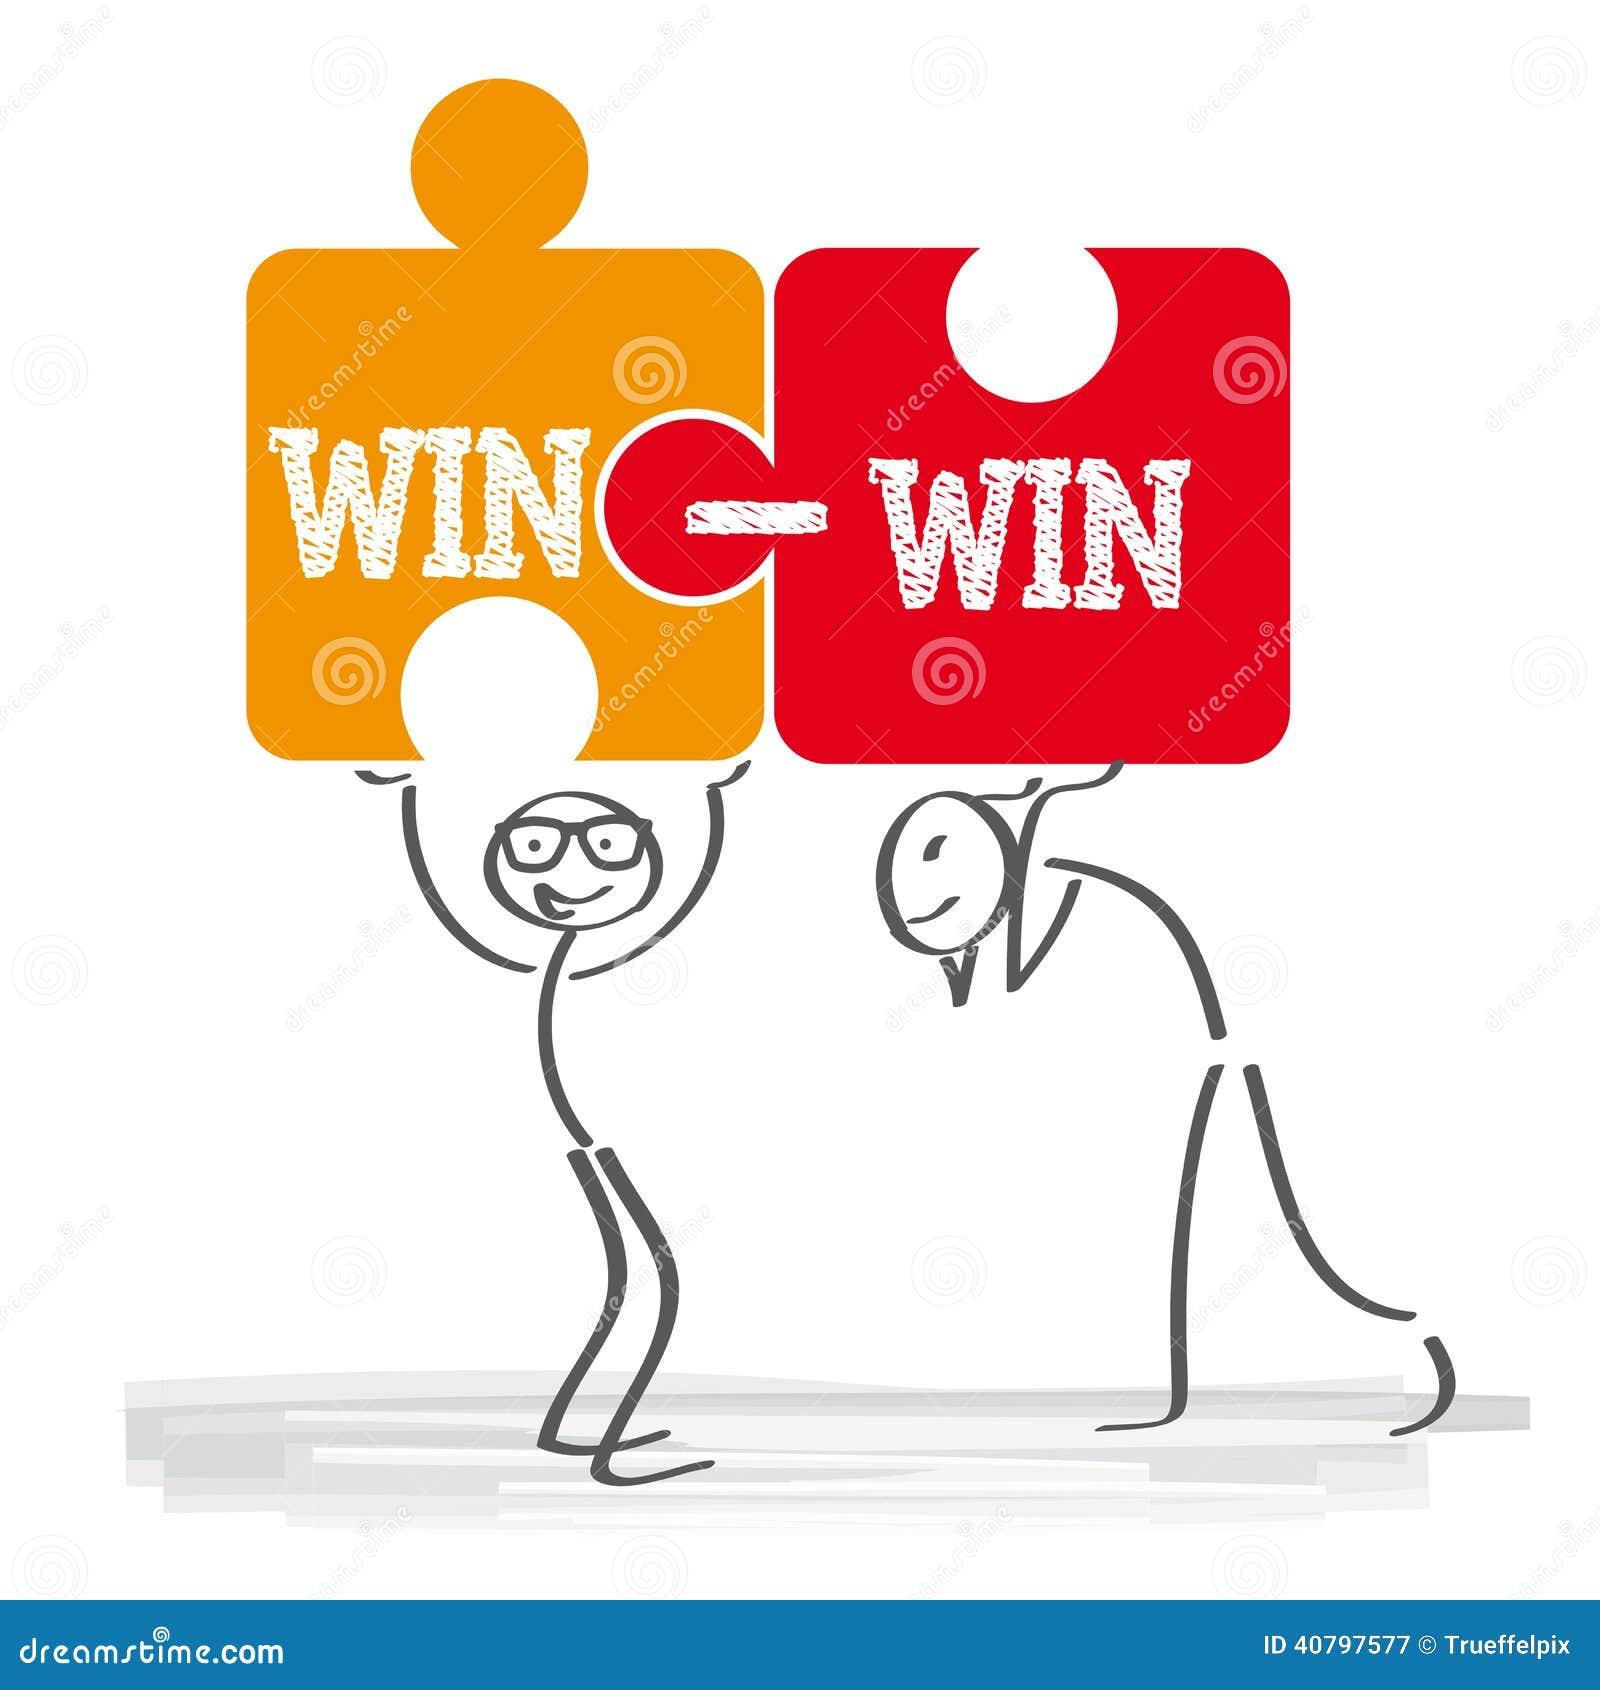 Strategie mit Gewinn für beide Parteien